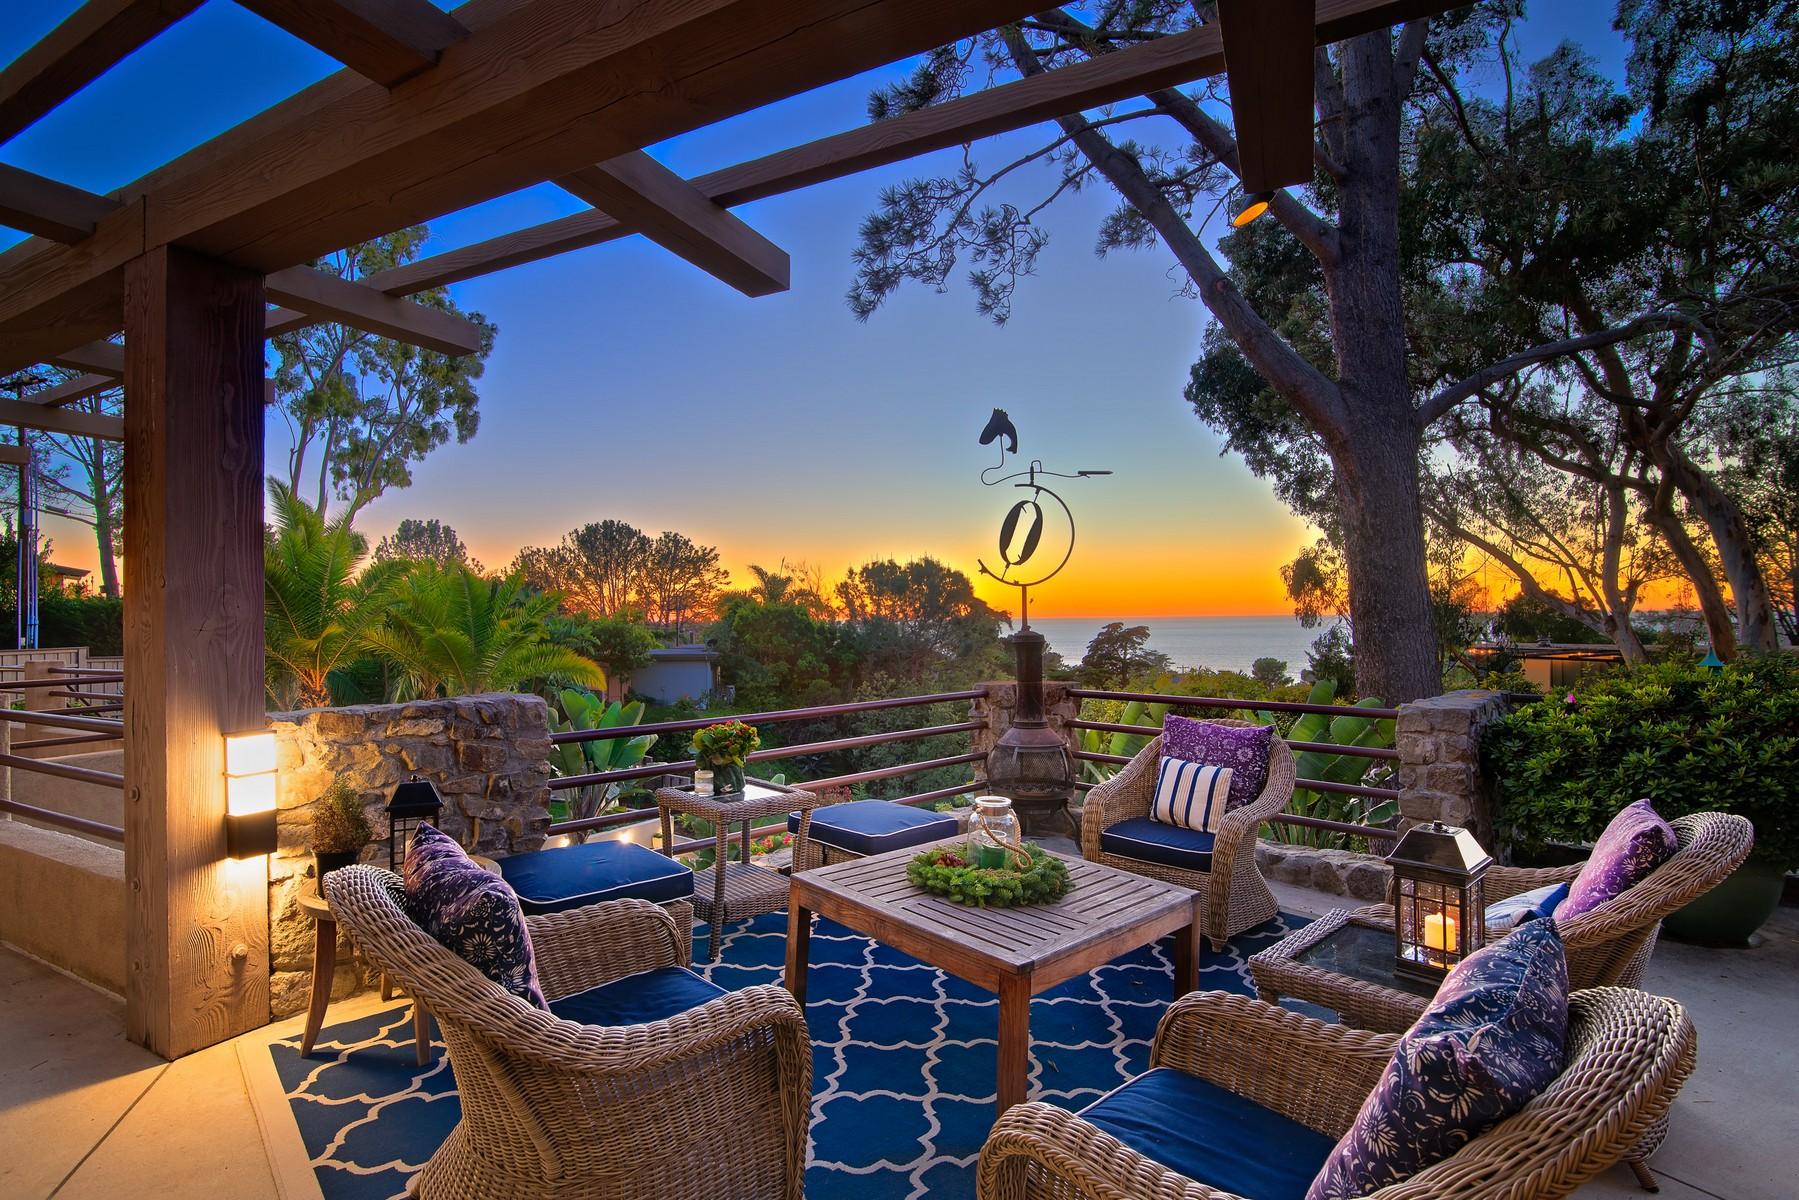 Частный односемейный дом для того Продажа на 645 Amphitheatre Drive Del Mar, 92014 Соединенные Штаты